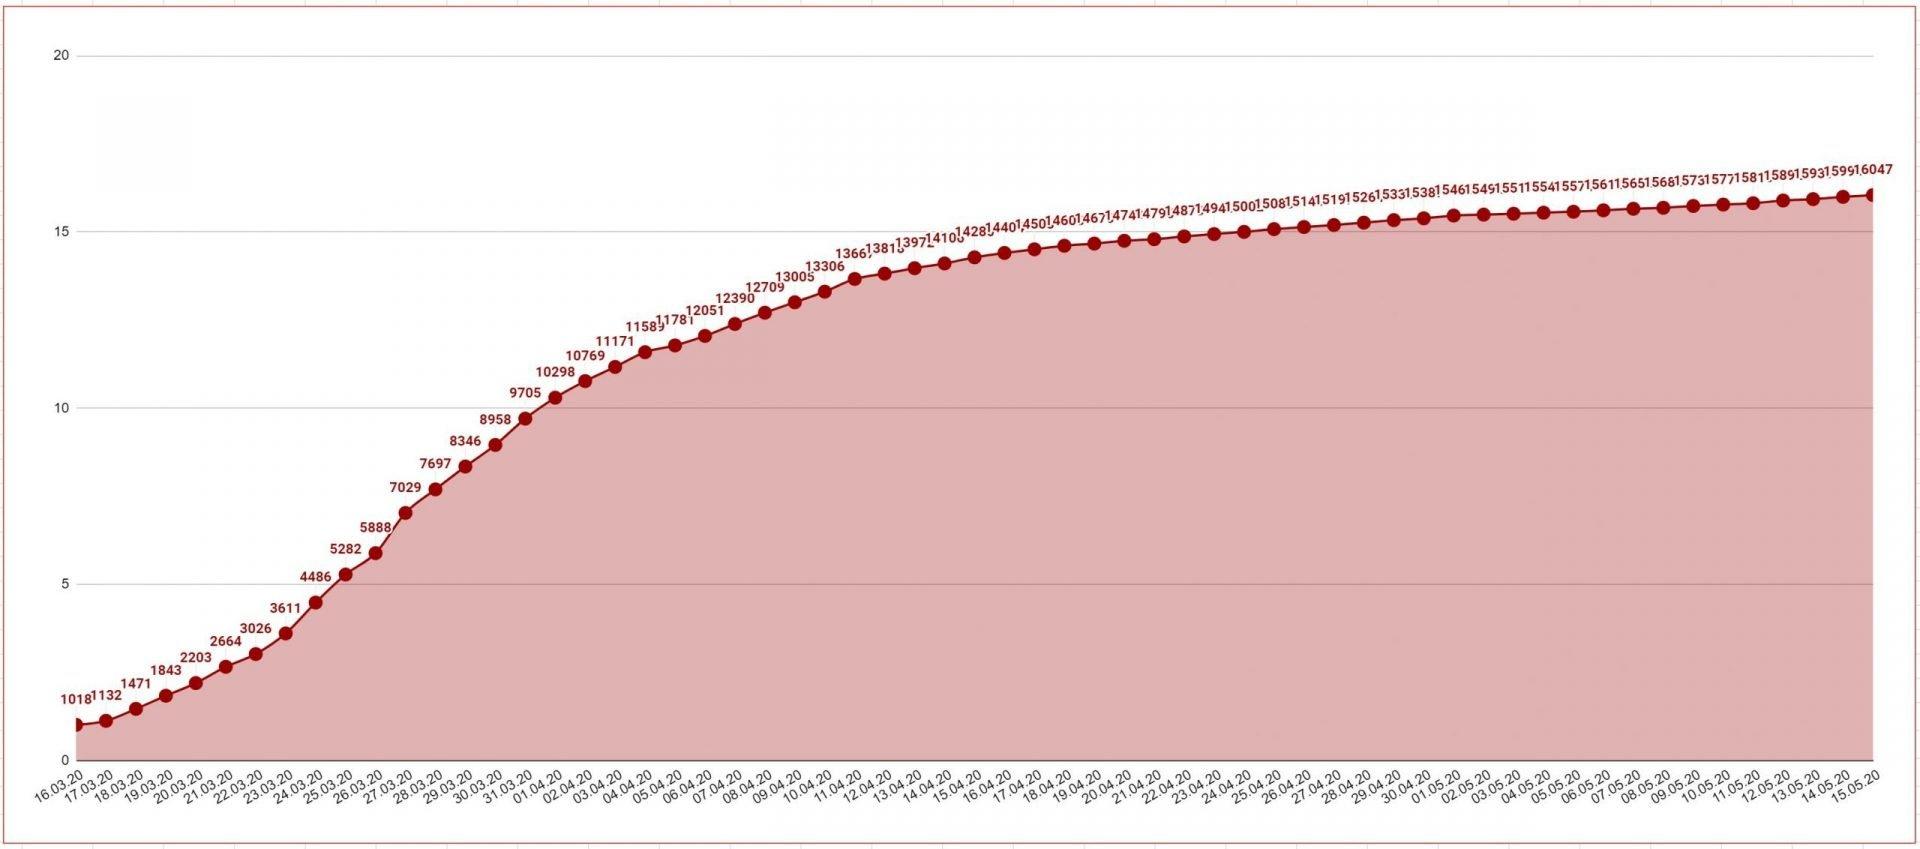 Данные по коронавирусу в Австрии и мире на 15 мая 2020